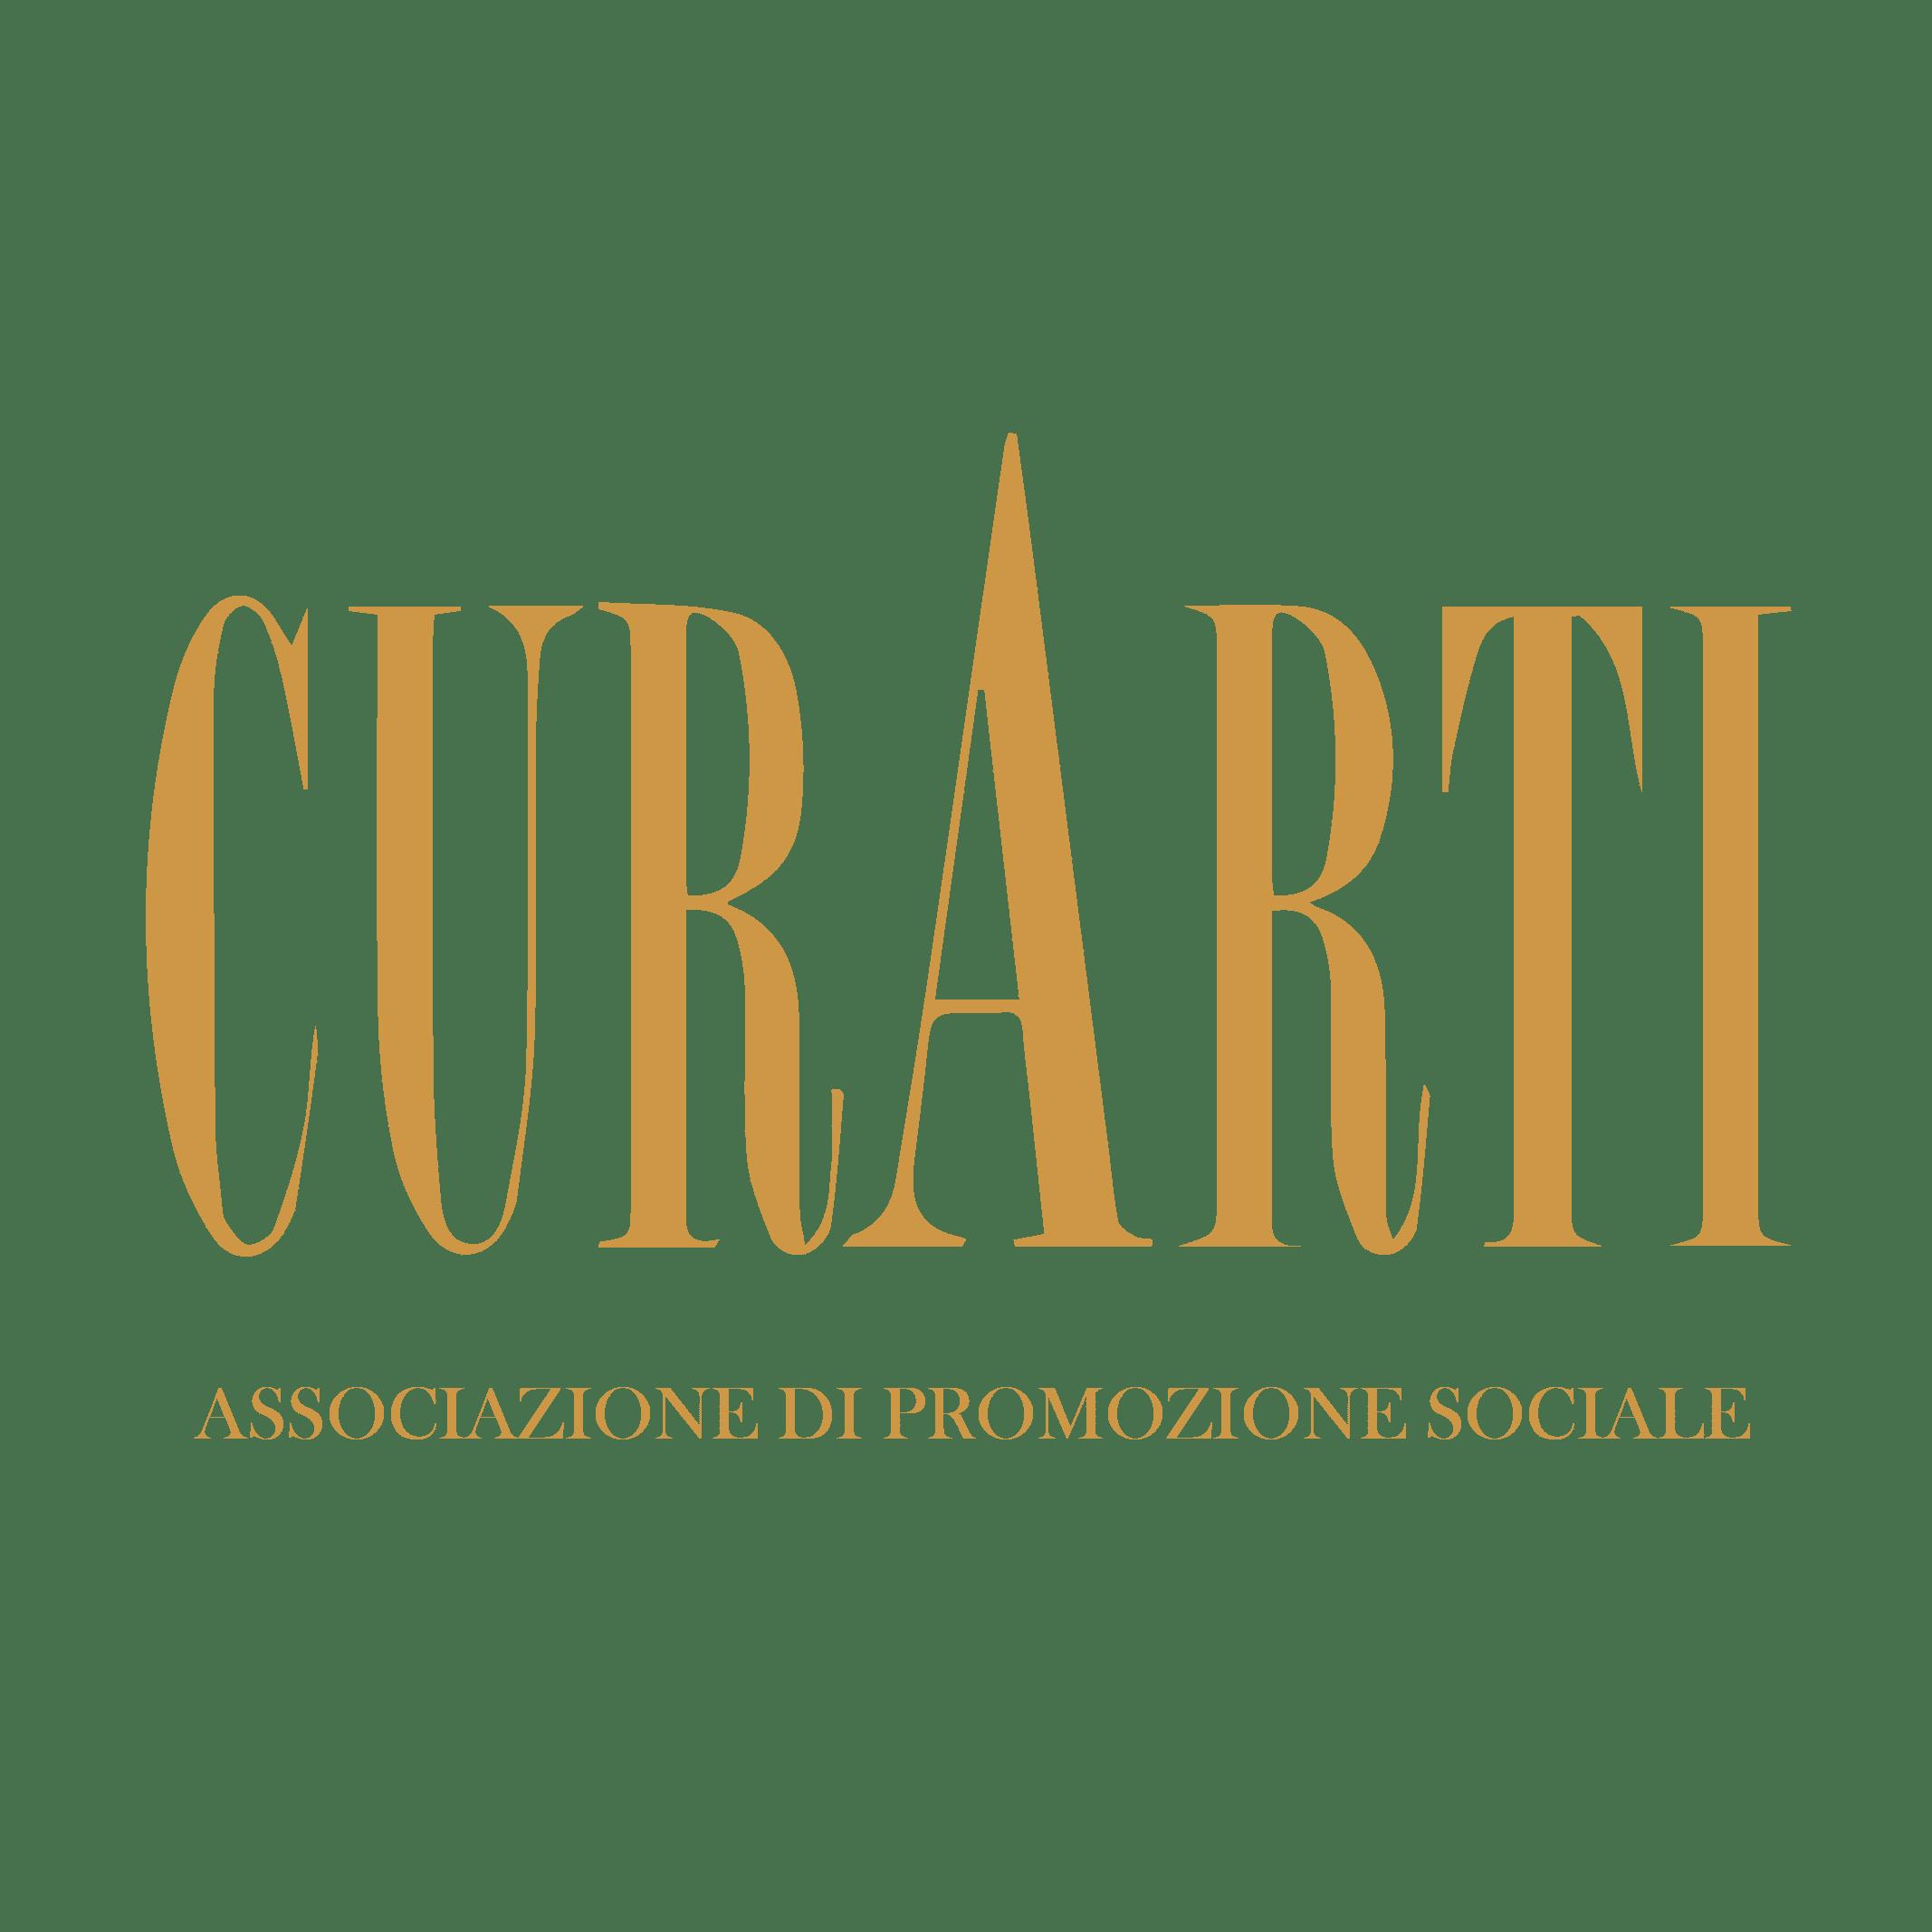 CurArti